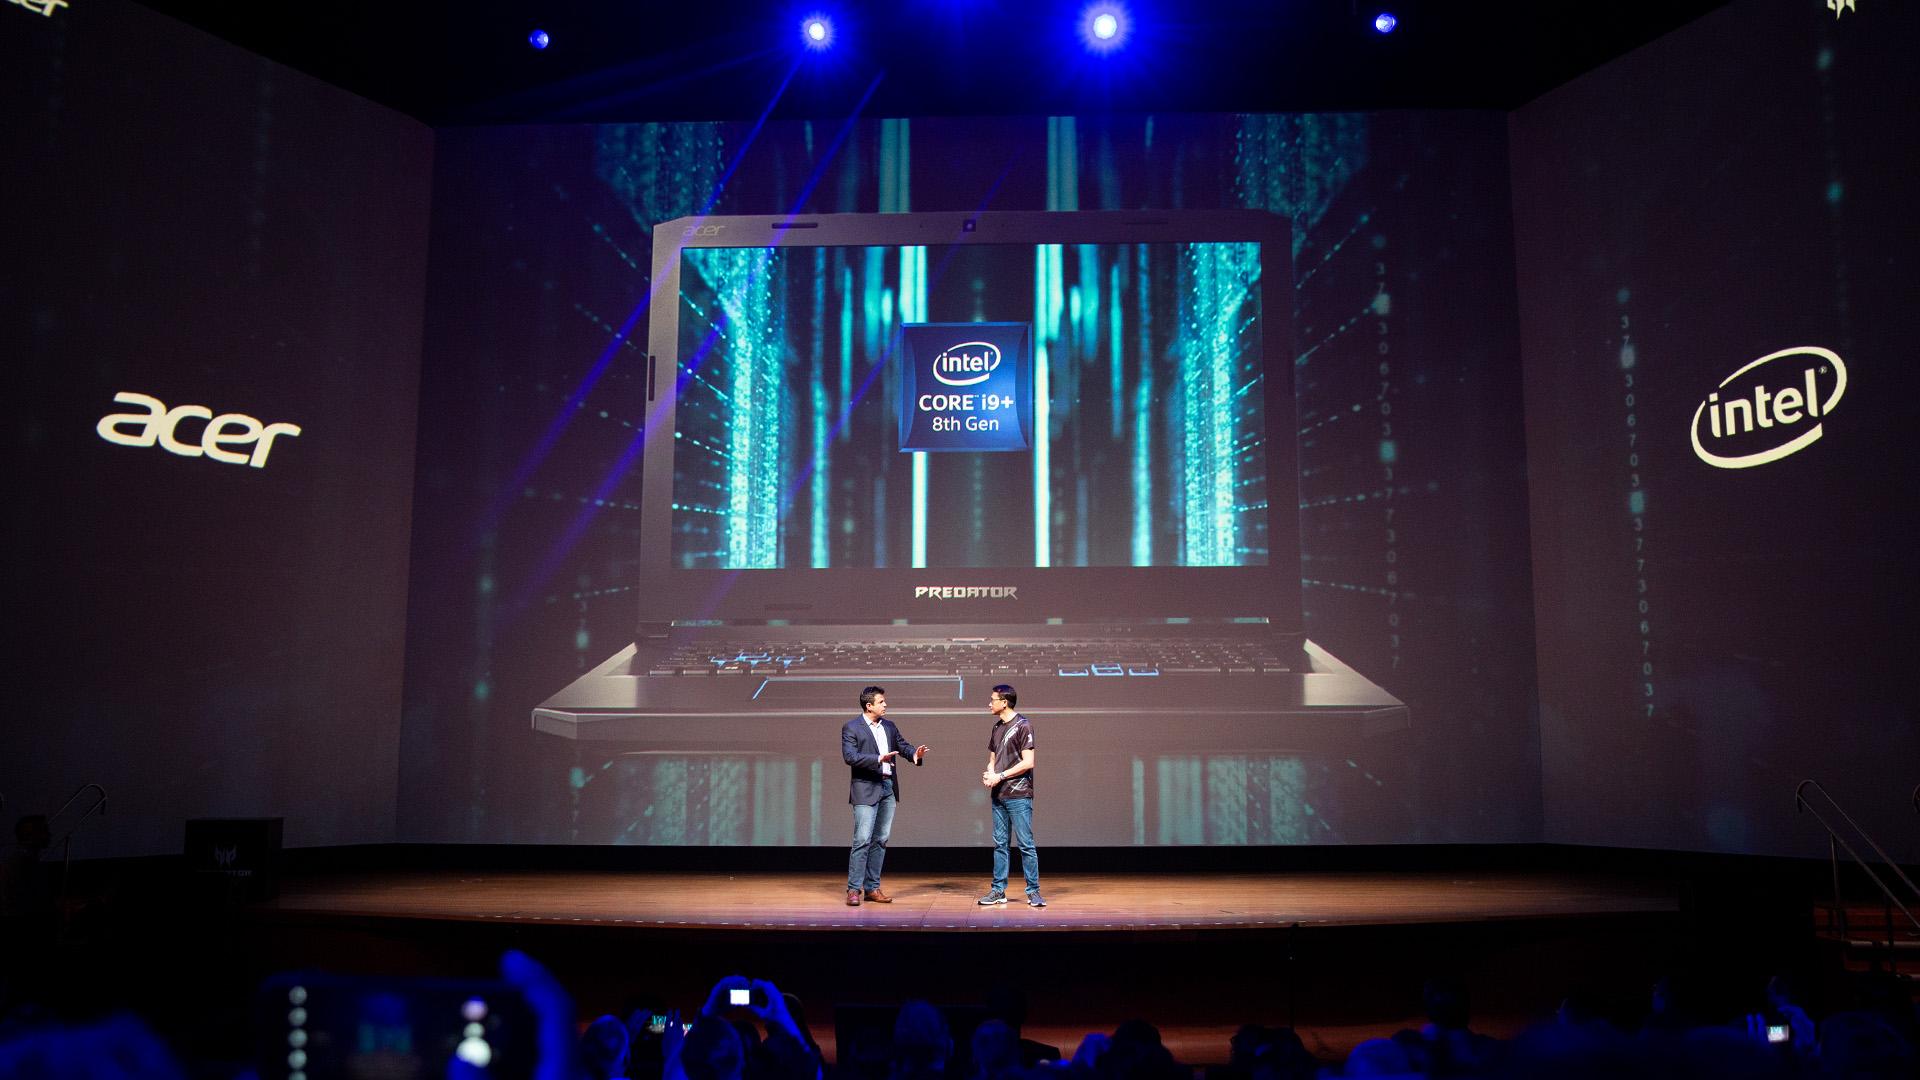 Acer-Portfolio 2018: Nitro-Gaming-PCs mit Ryzen und viele neue Notebooks - In dem 17,3-Zoll-Gamer kommt eine Intel Core i9-CPU unter. (Bild: Robert Kern/Golem.de)